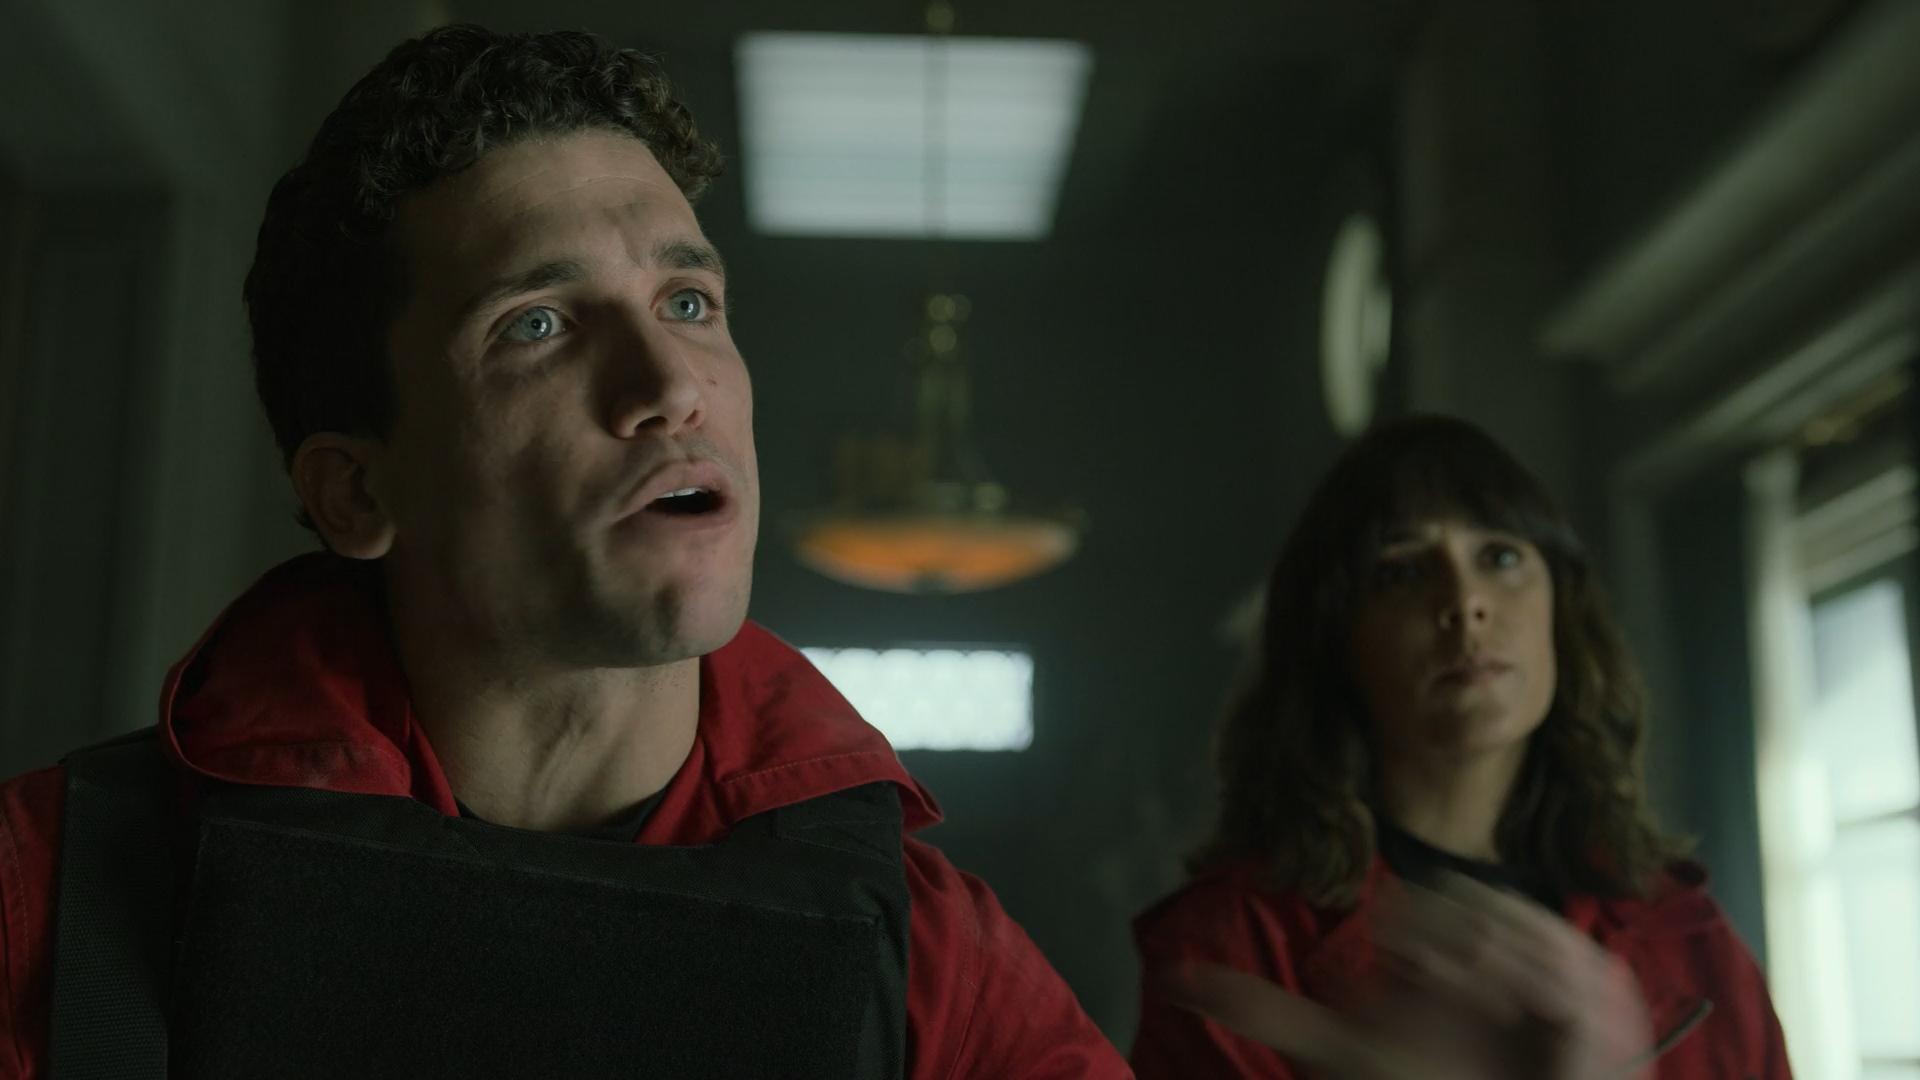 La Casa de Papel   2021   NF   5.Sezon   Tüm Bölümler   BoxSet   1080p - m720p - m1080p   WEB-DL   Dual   TR-EN   Tek Link